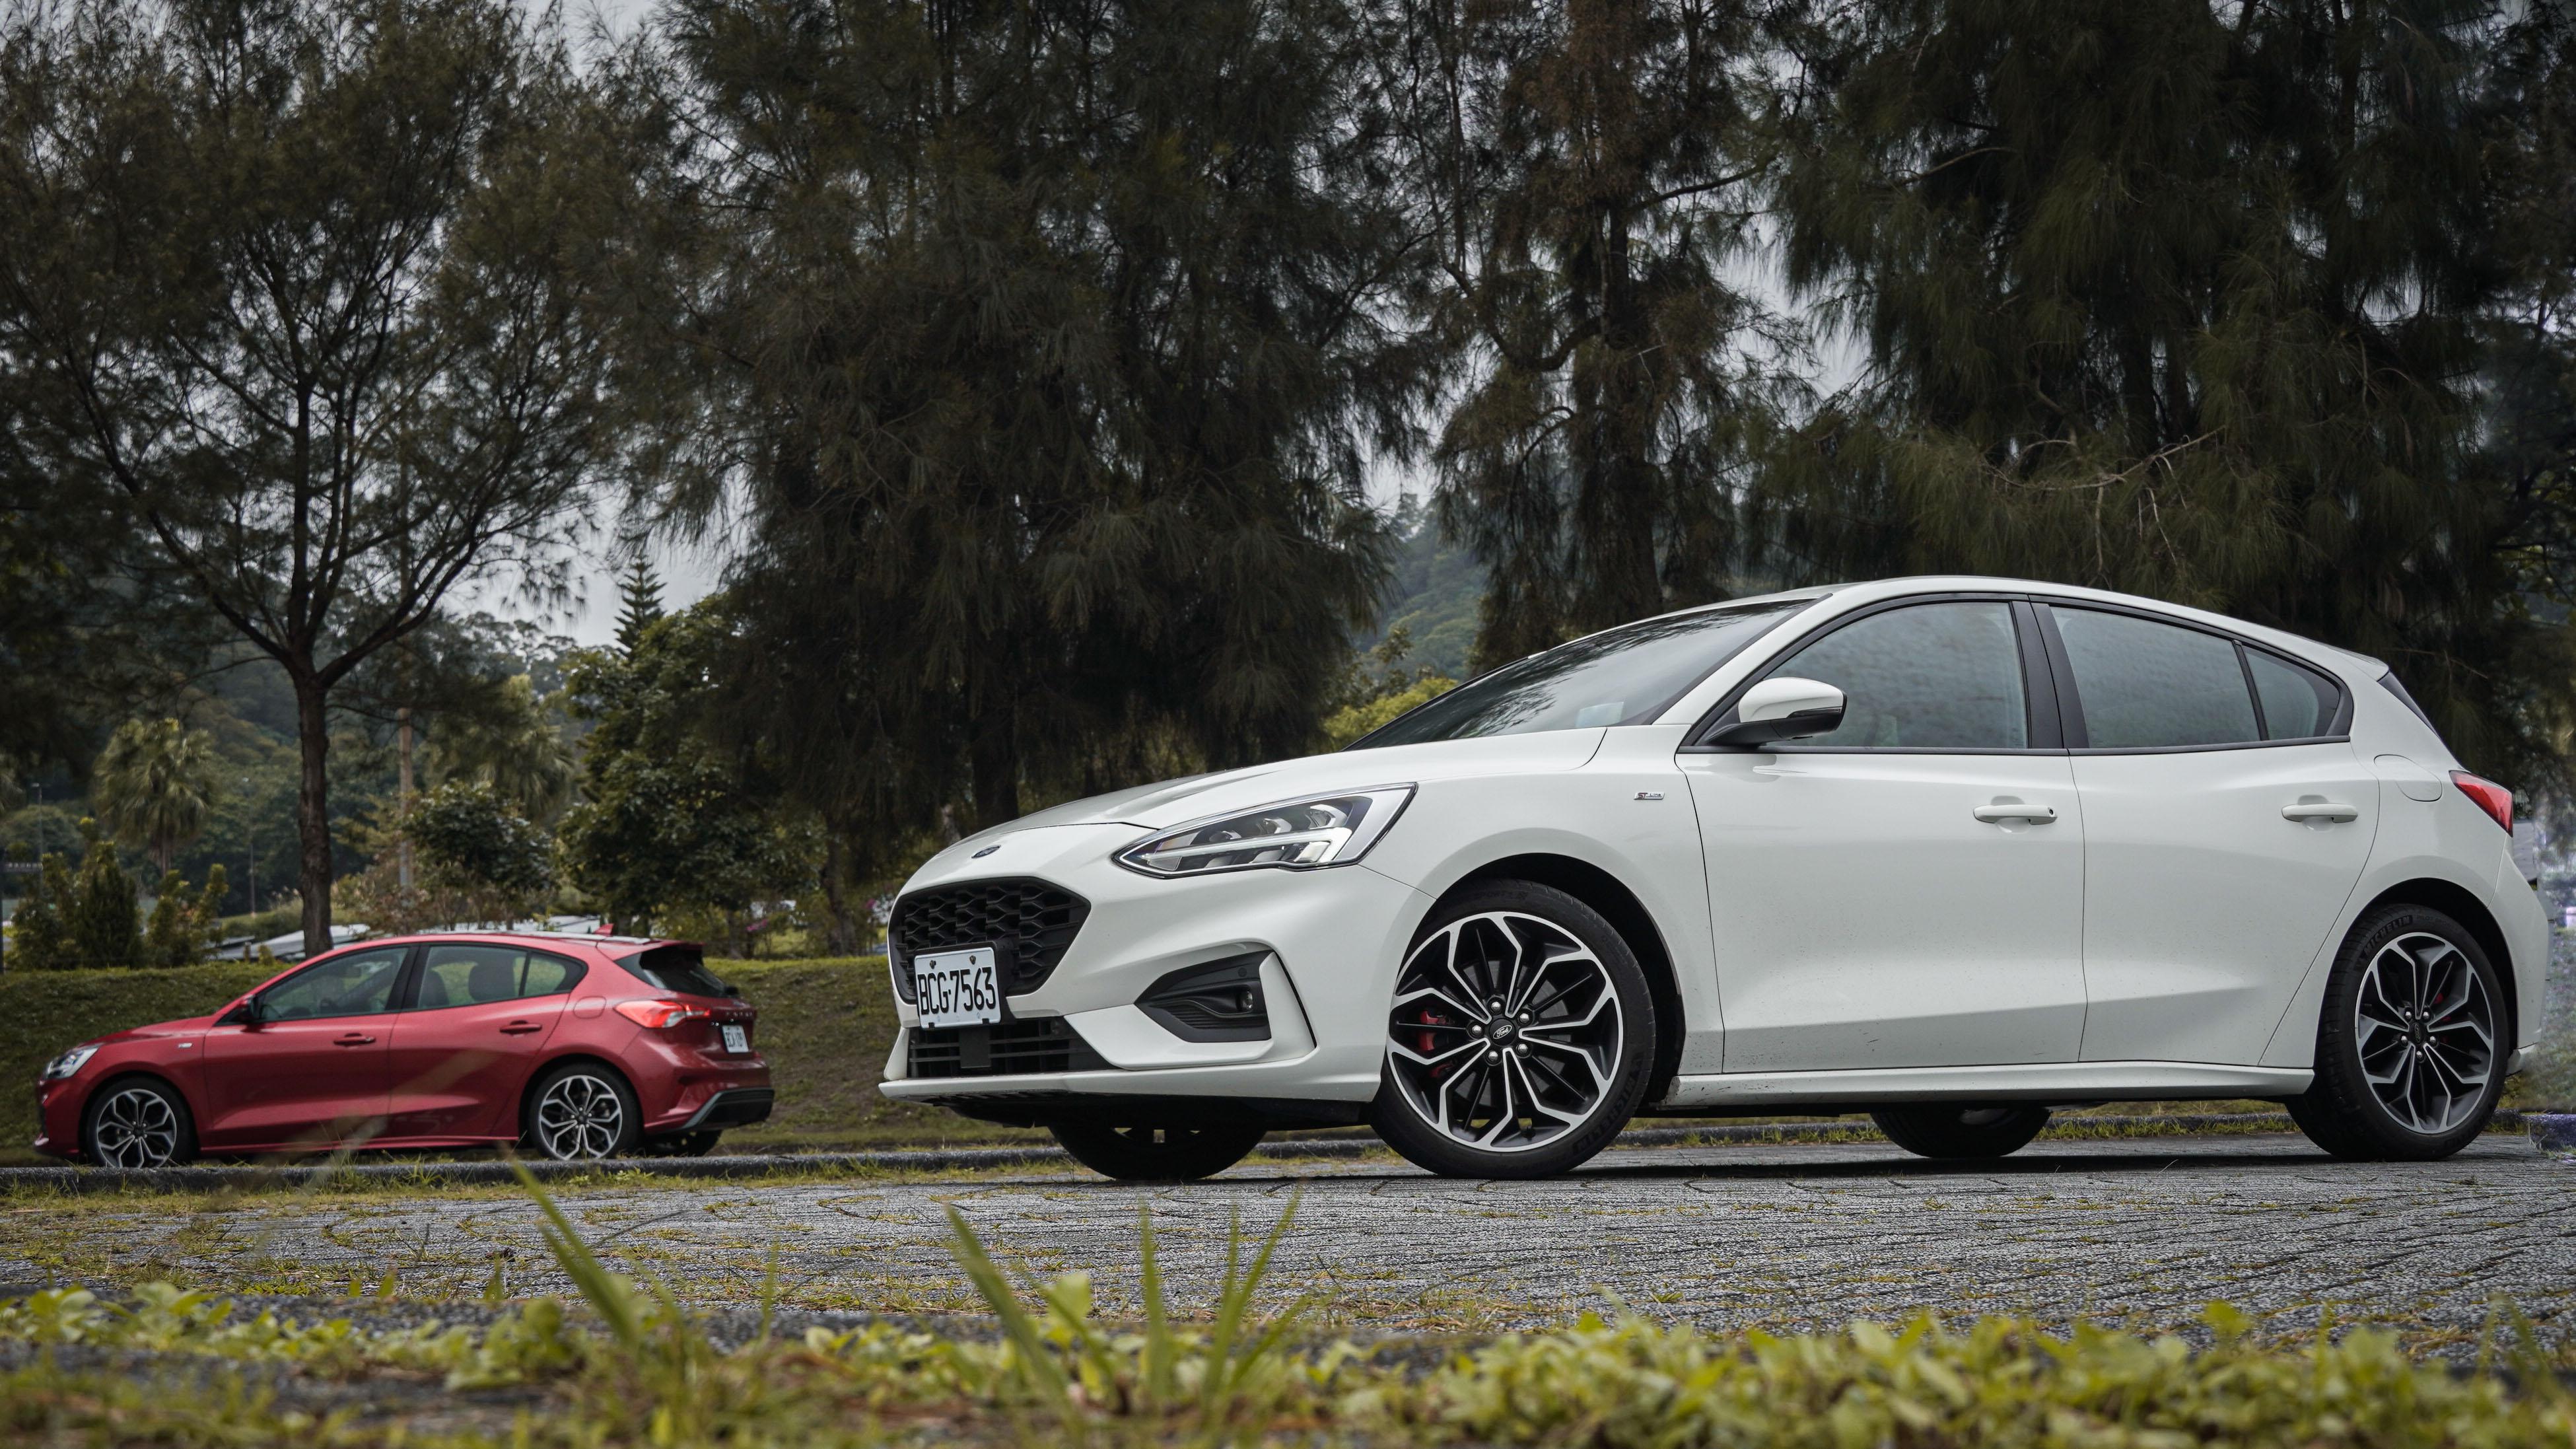 新冠病毒衝擊,Ford Focus 全車系延後交車